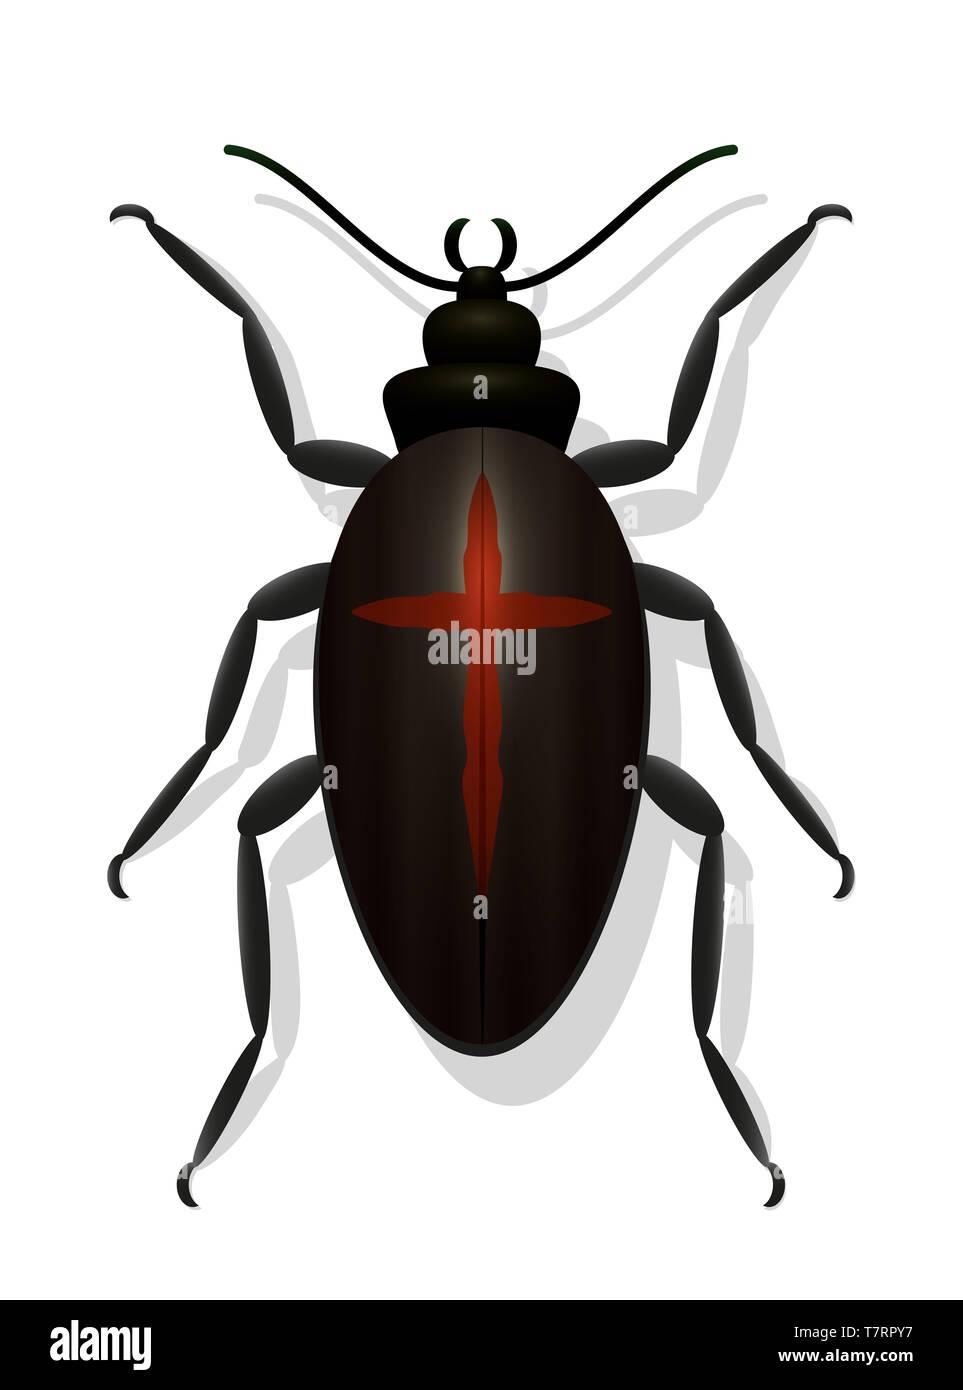 Bug negro con una cruz roja. Escarabajo de la viuda negra. Simbólico por peligrosos, tóxicos, los insectos venenosos o de la disminución de las poblaciones de insectos. Imagen De Stock